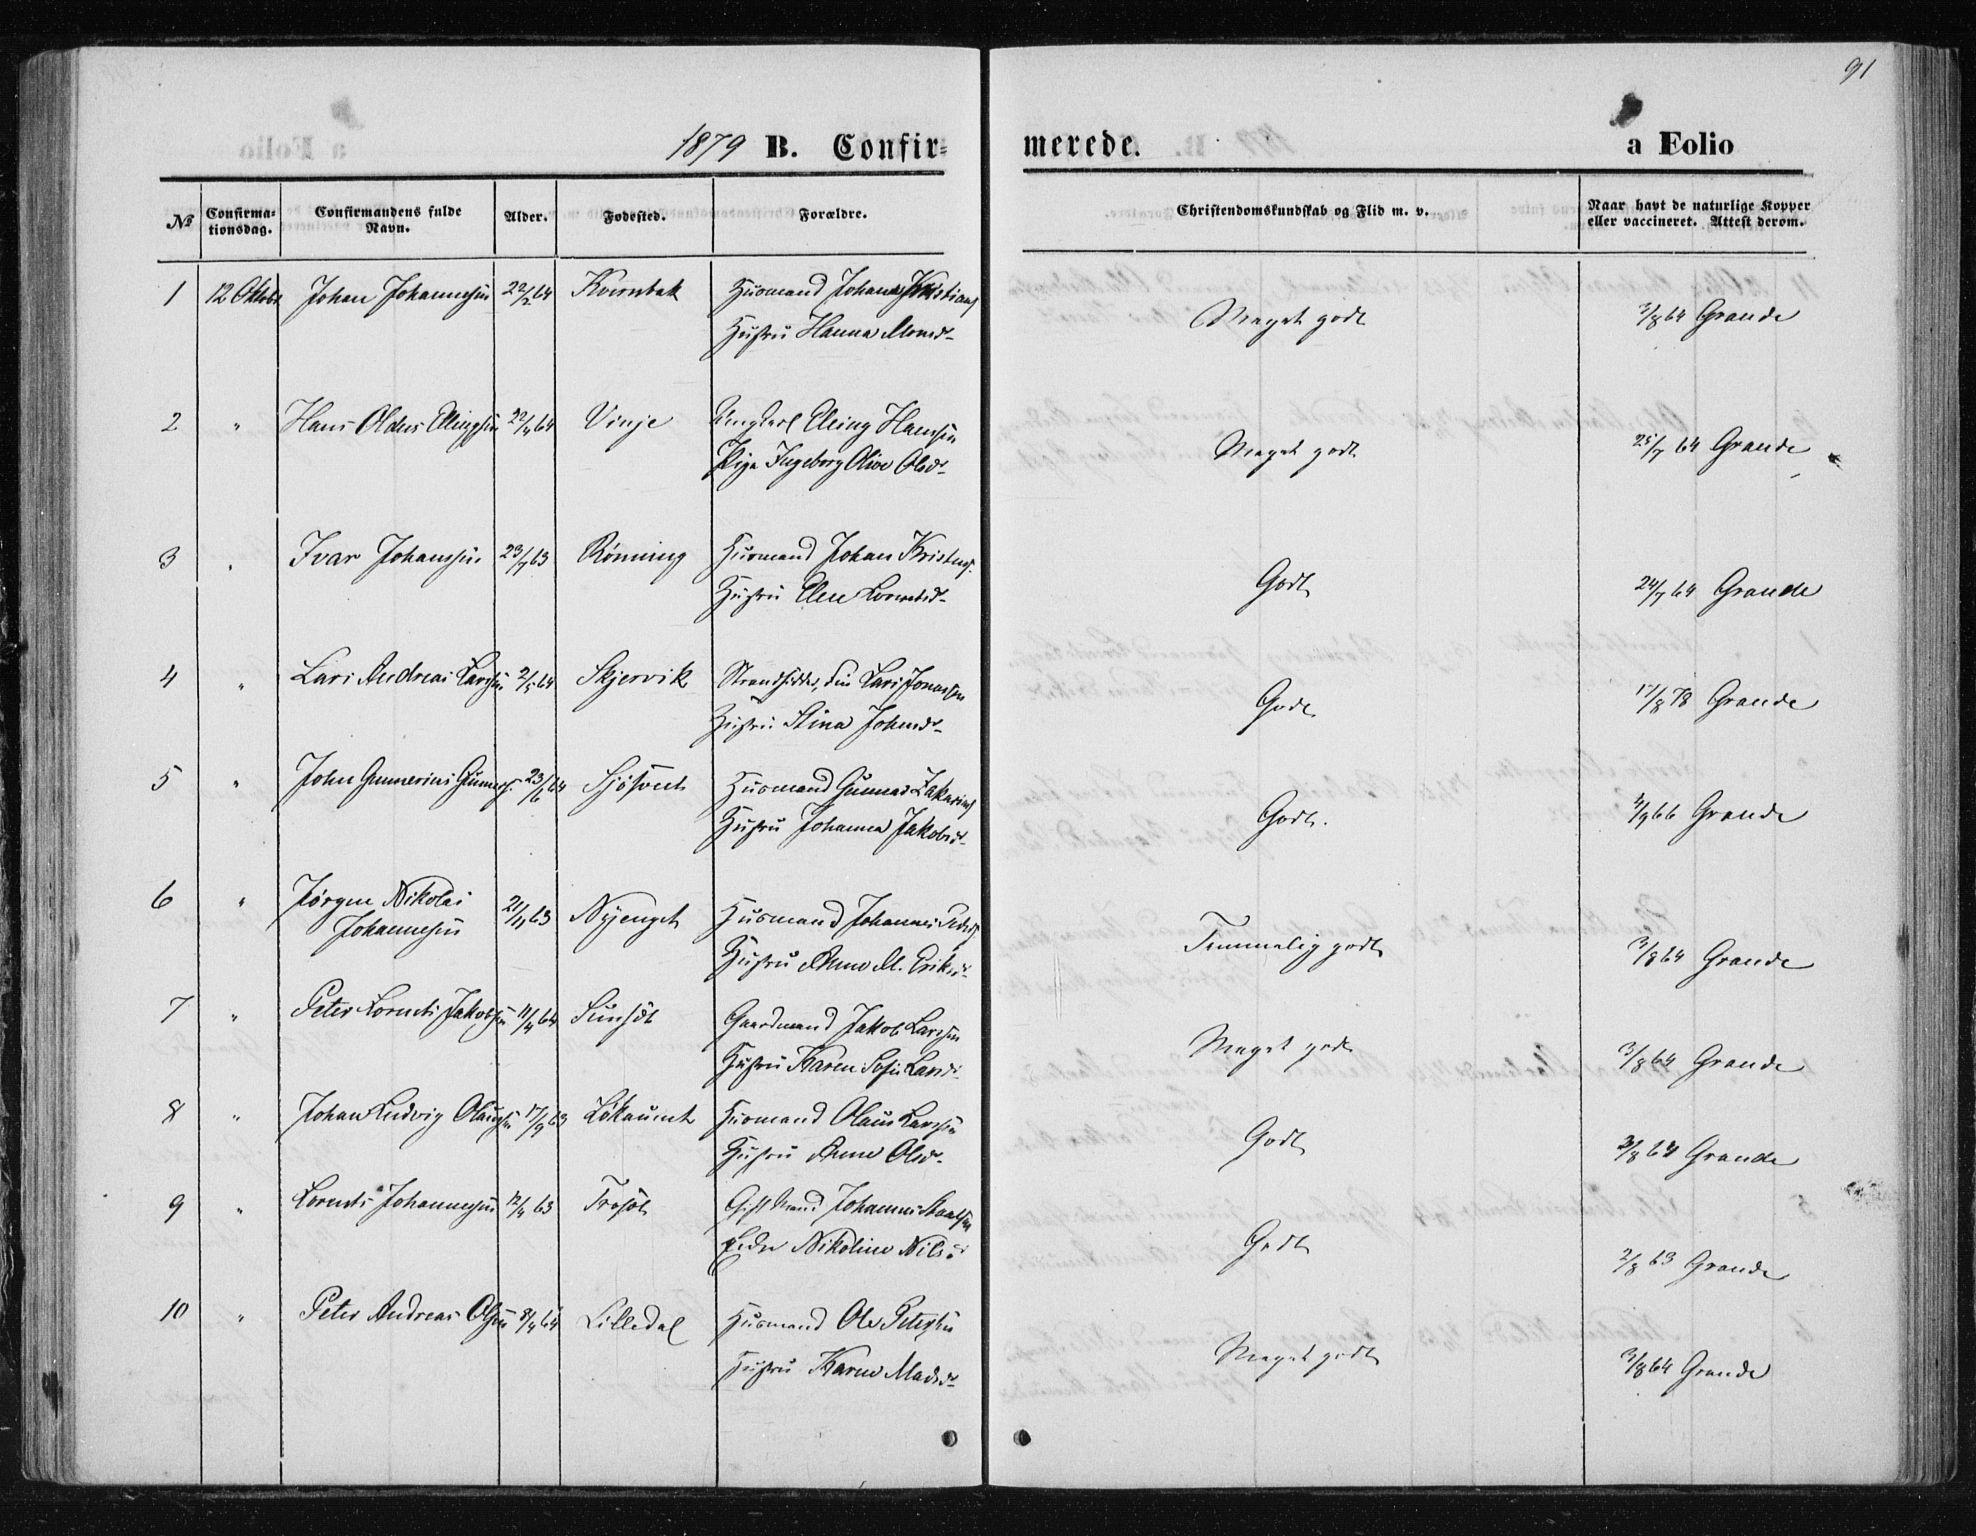 SAT, Ministerialprotokoller, klokkerbøker og fødselsregistre - Nord-Trøndelag, 733/L0324: Ministerialbok nr. 733A03, 1870-1883, s. 91